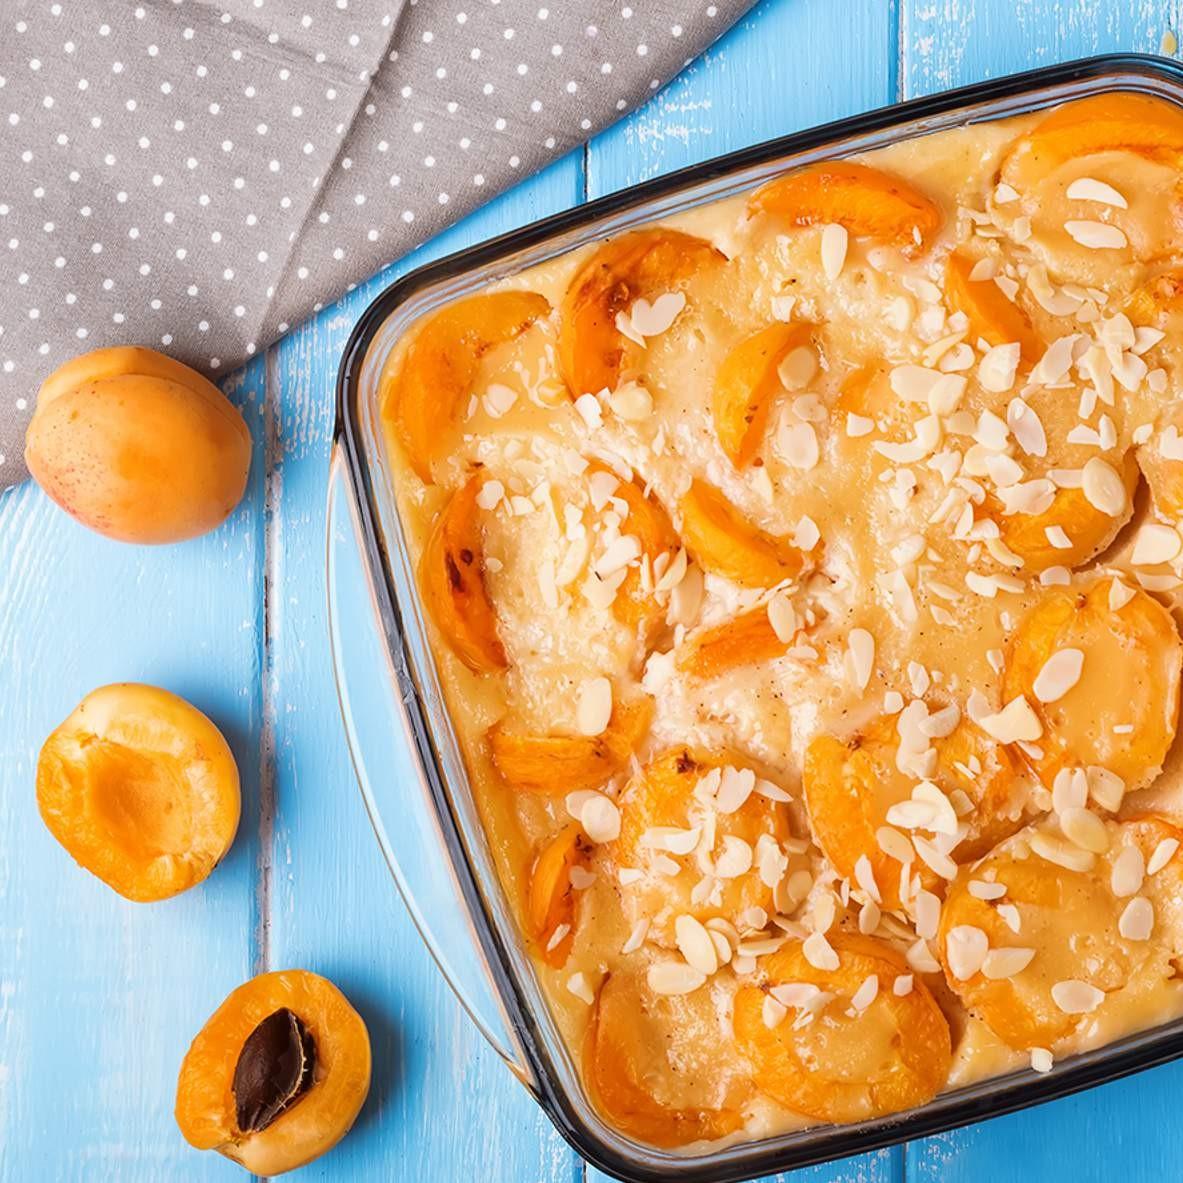 Recette - Clafoutis aux abricots secs <br>